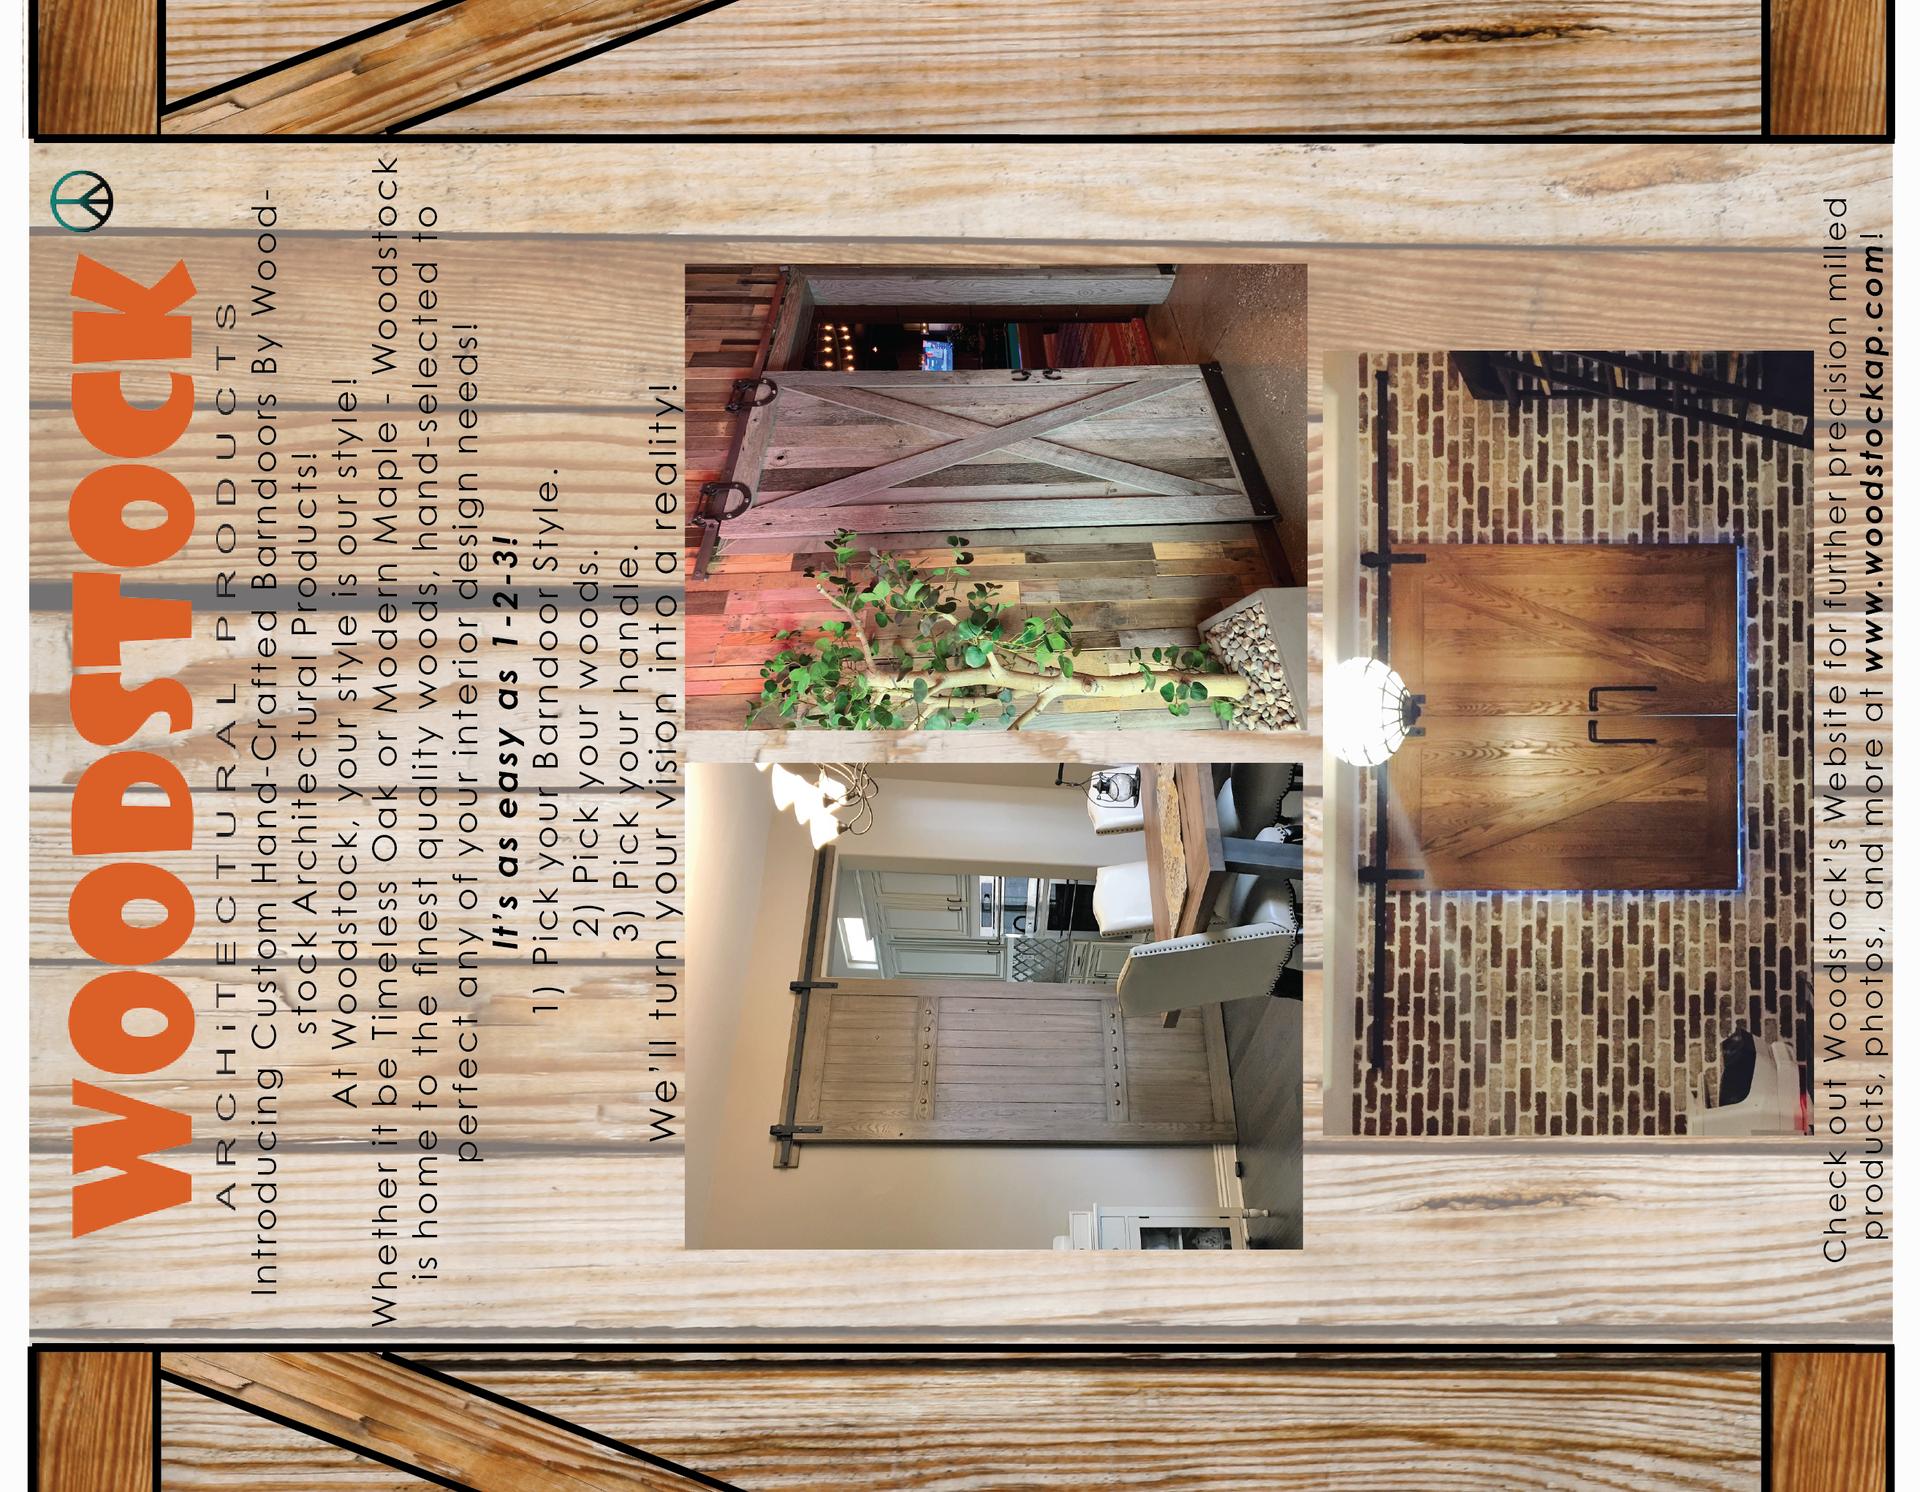 woodstock brochure outside